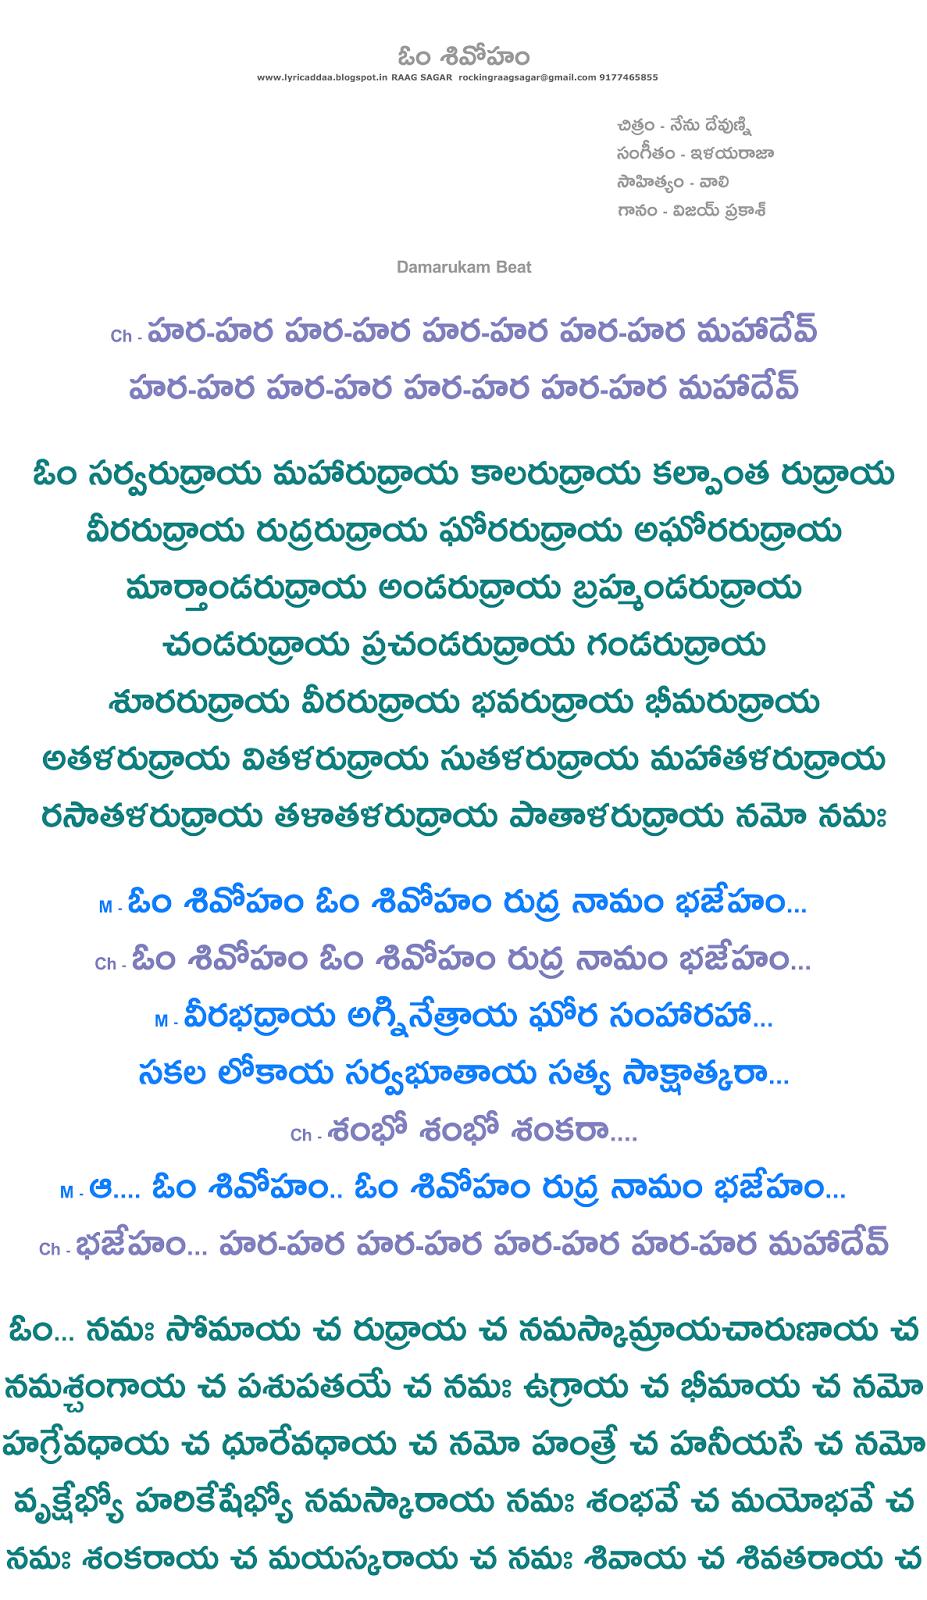 Bathukamma Songs Lyrics In Hindi Pdf